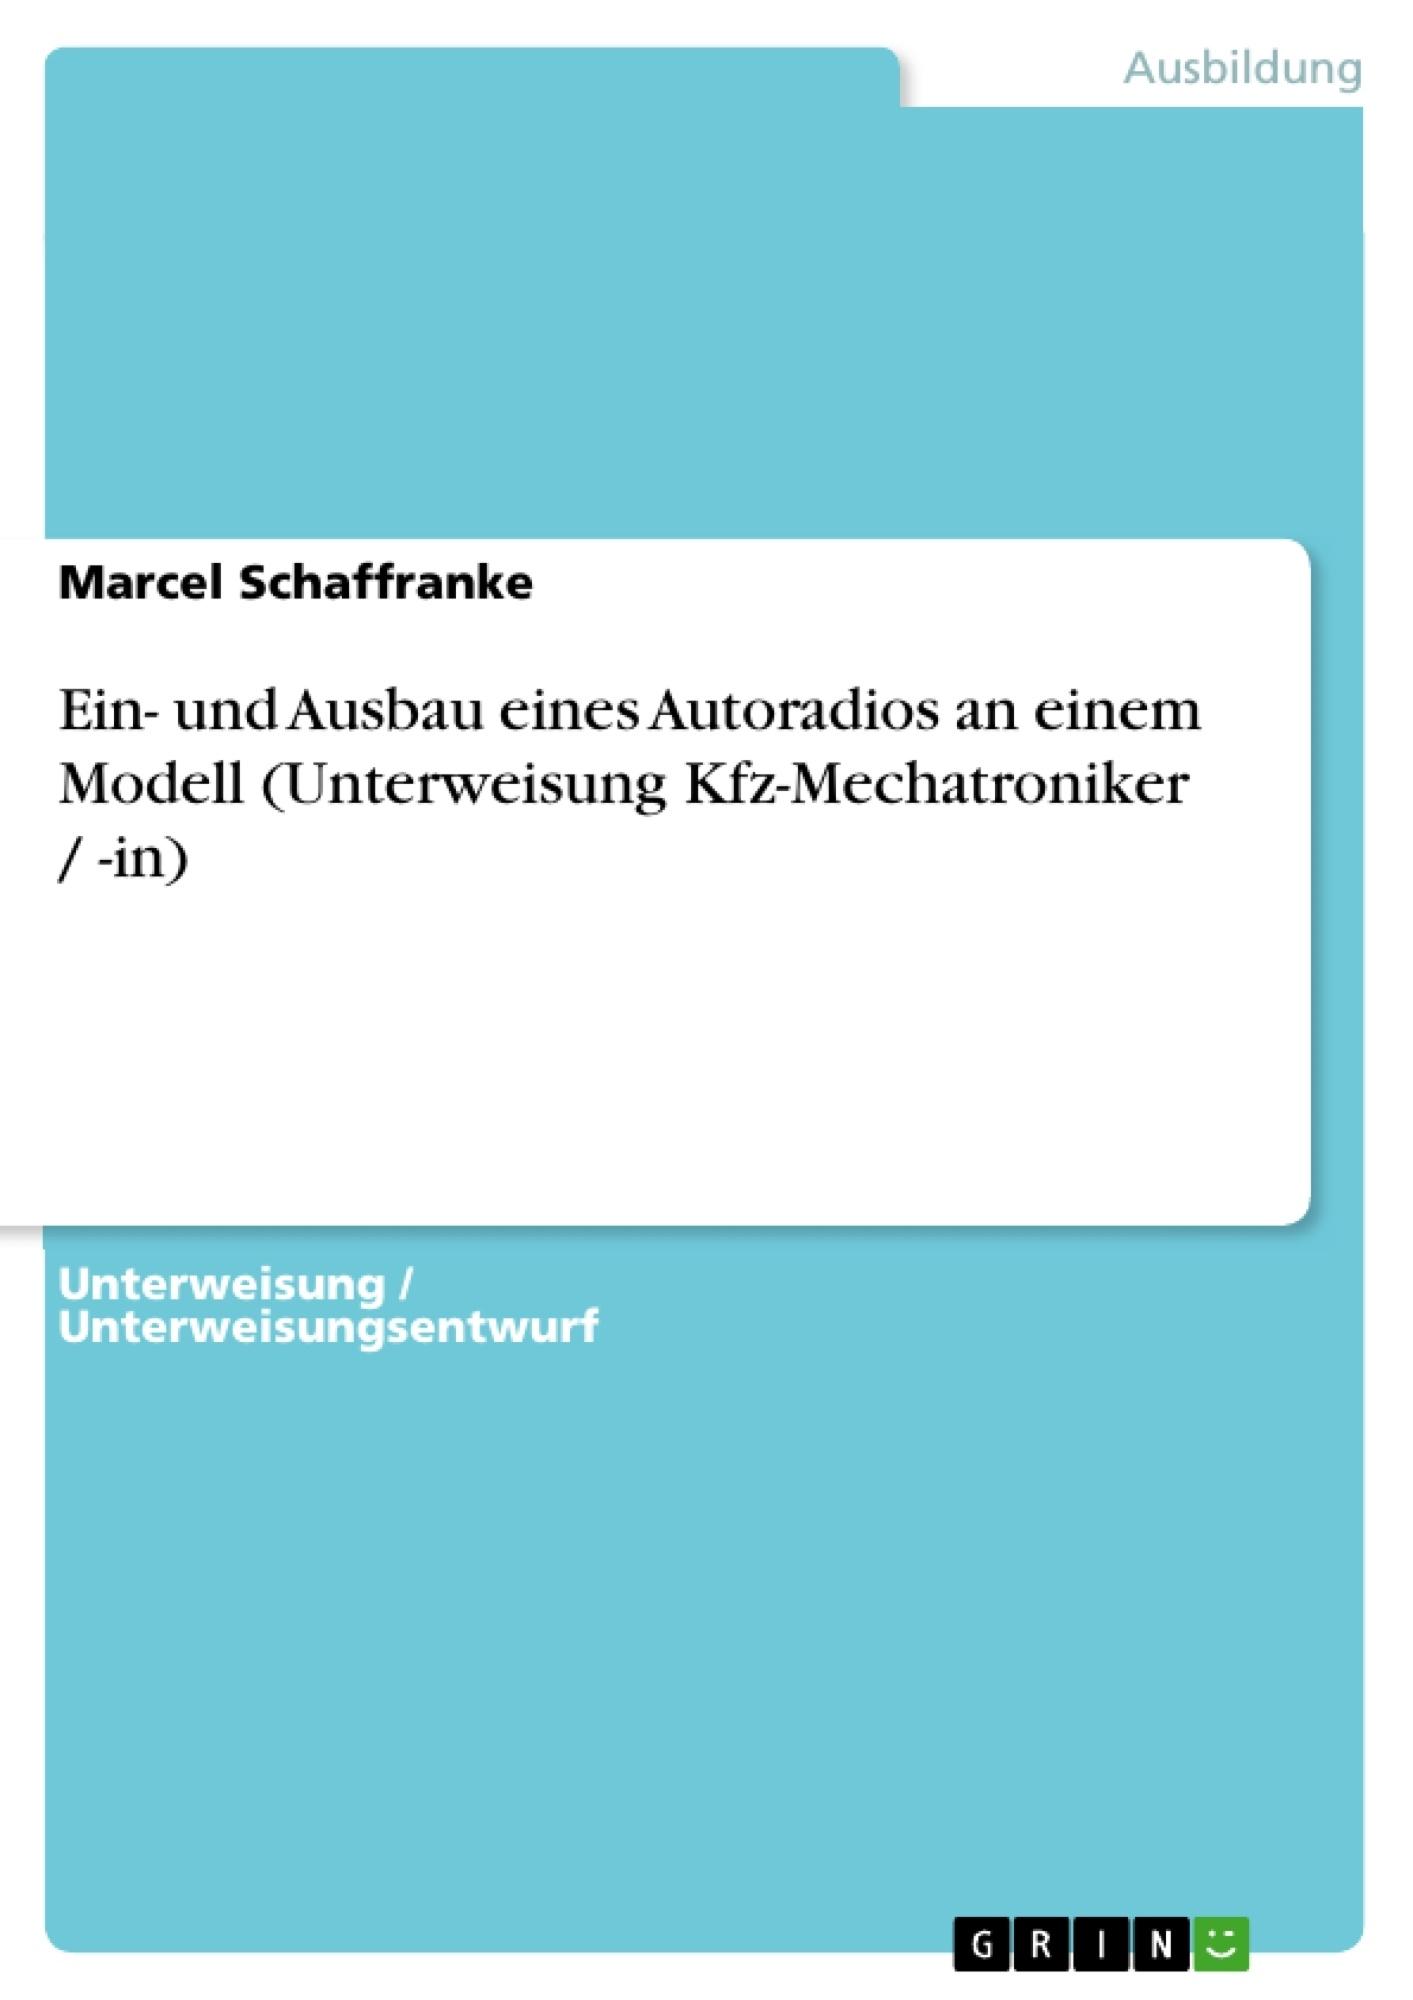 Titel: Ein- und Ausbau eines Autoradios an einem Modell (Unterweisung Kfz-Mechatroniker / -in)